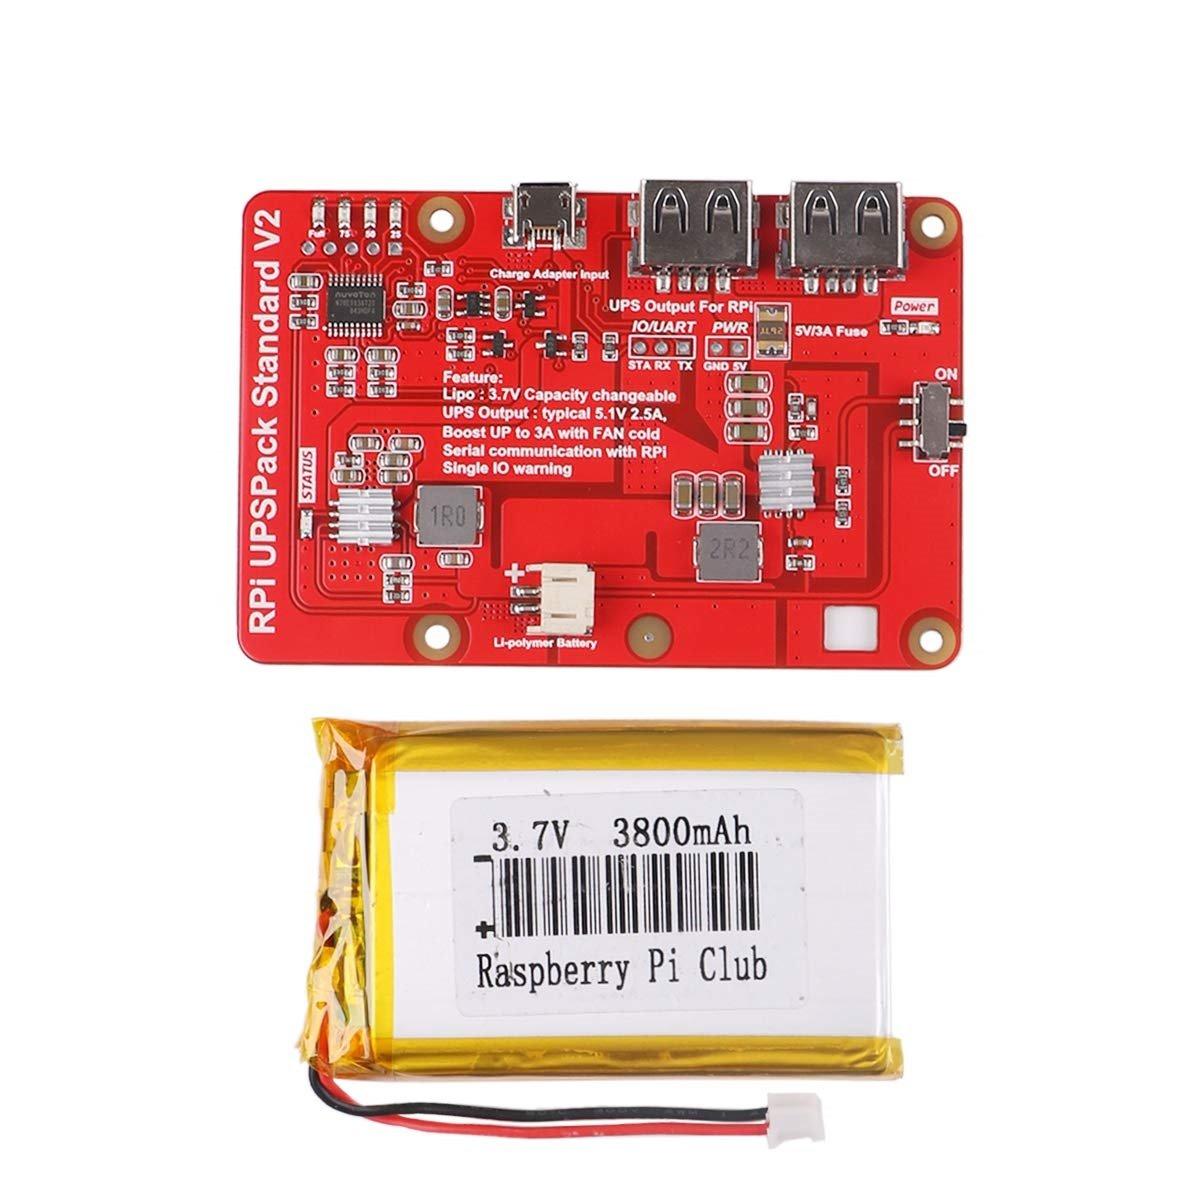 樹莓派 UPS 鋰電池擴充板 | USB 雙輸出電源供應模組 (V2)-preview-1